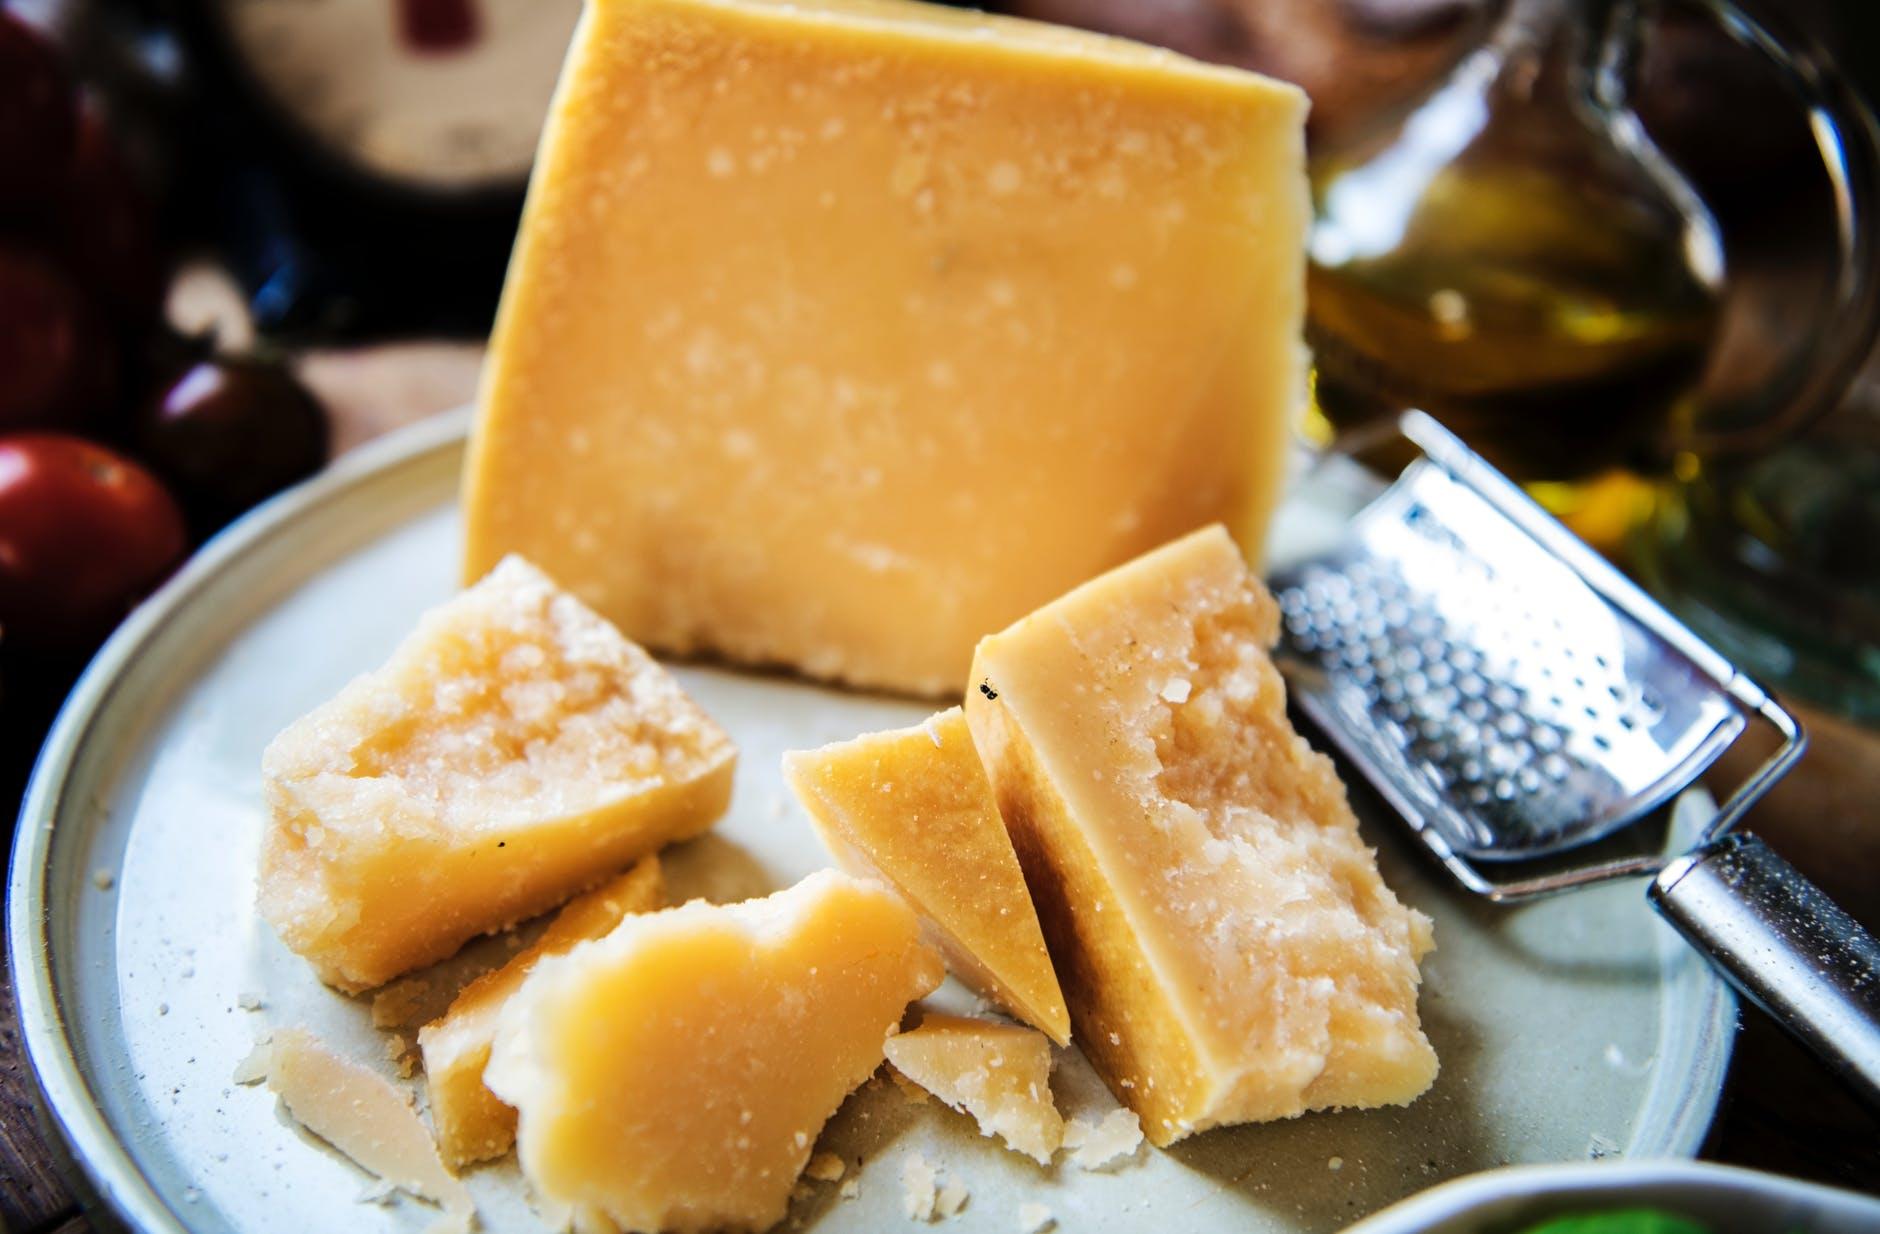 queijos sao permitidos na dieta low carb